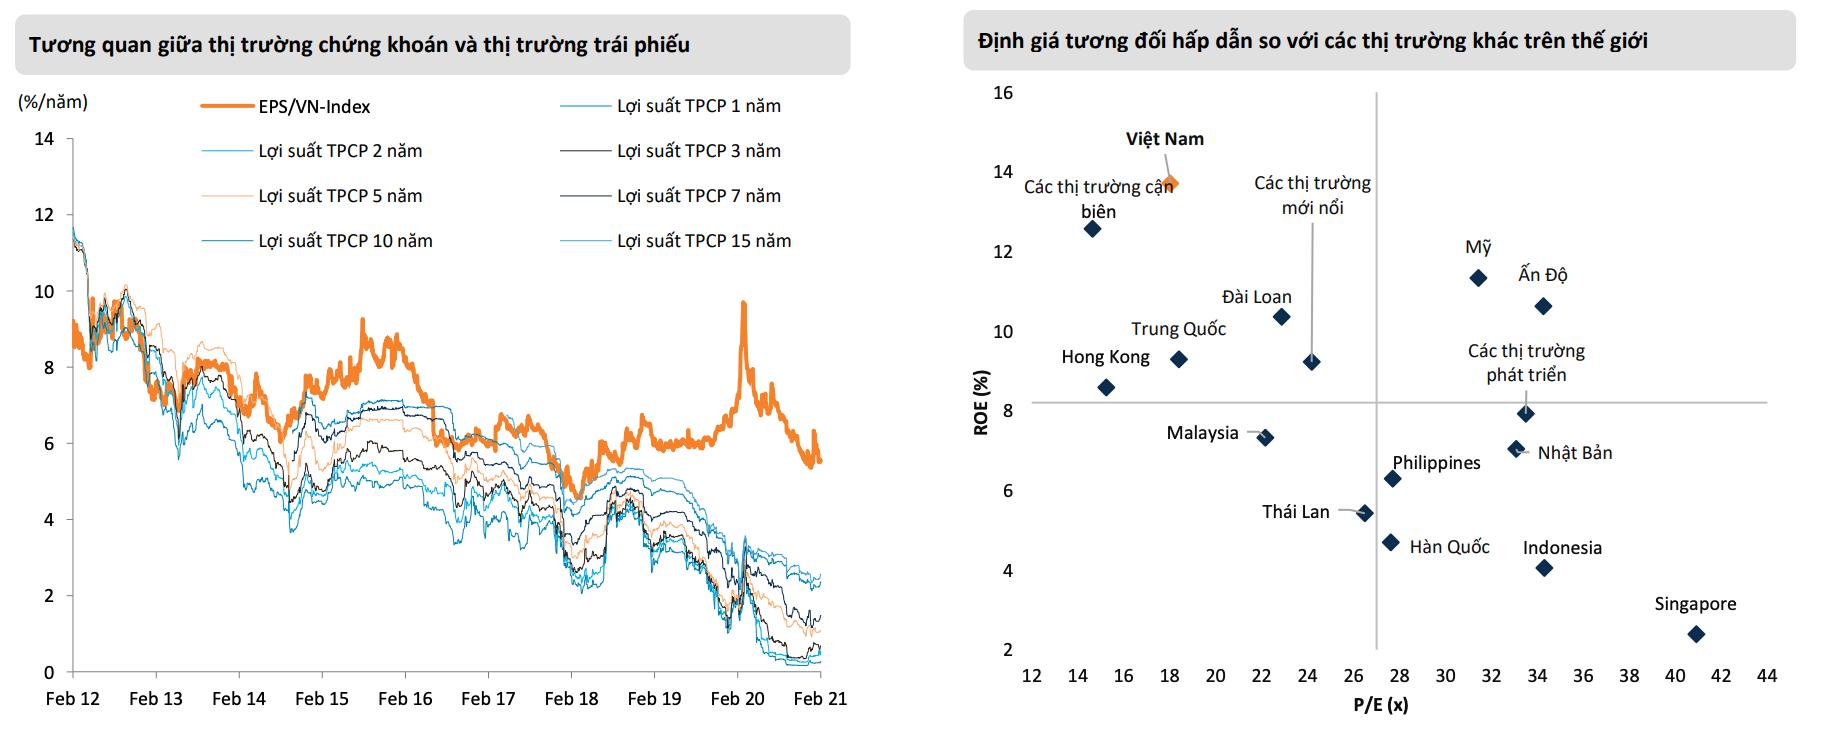 Mirae Asset: VN-Index có thể đạt mức cao nhất 1.400 điểm trong năm 2021 - Ảnh 2.